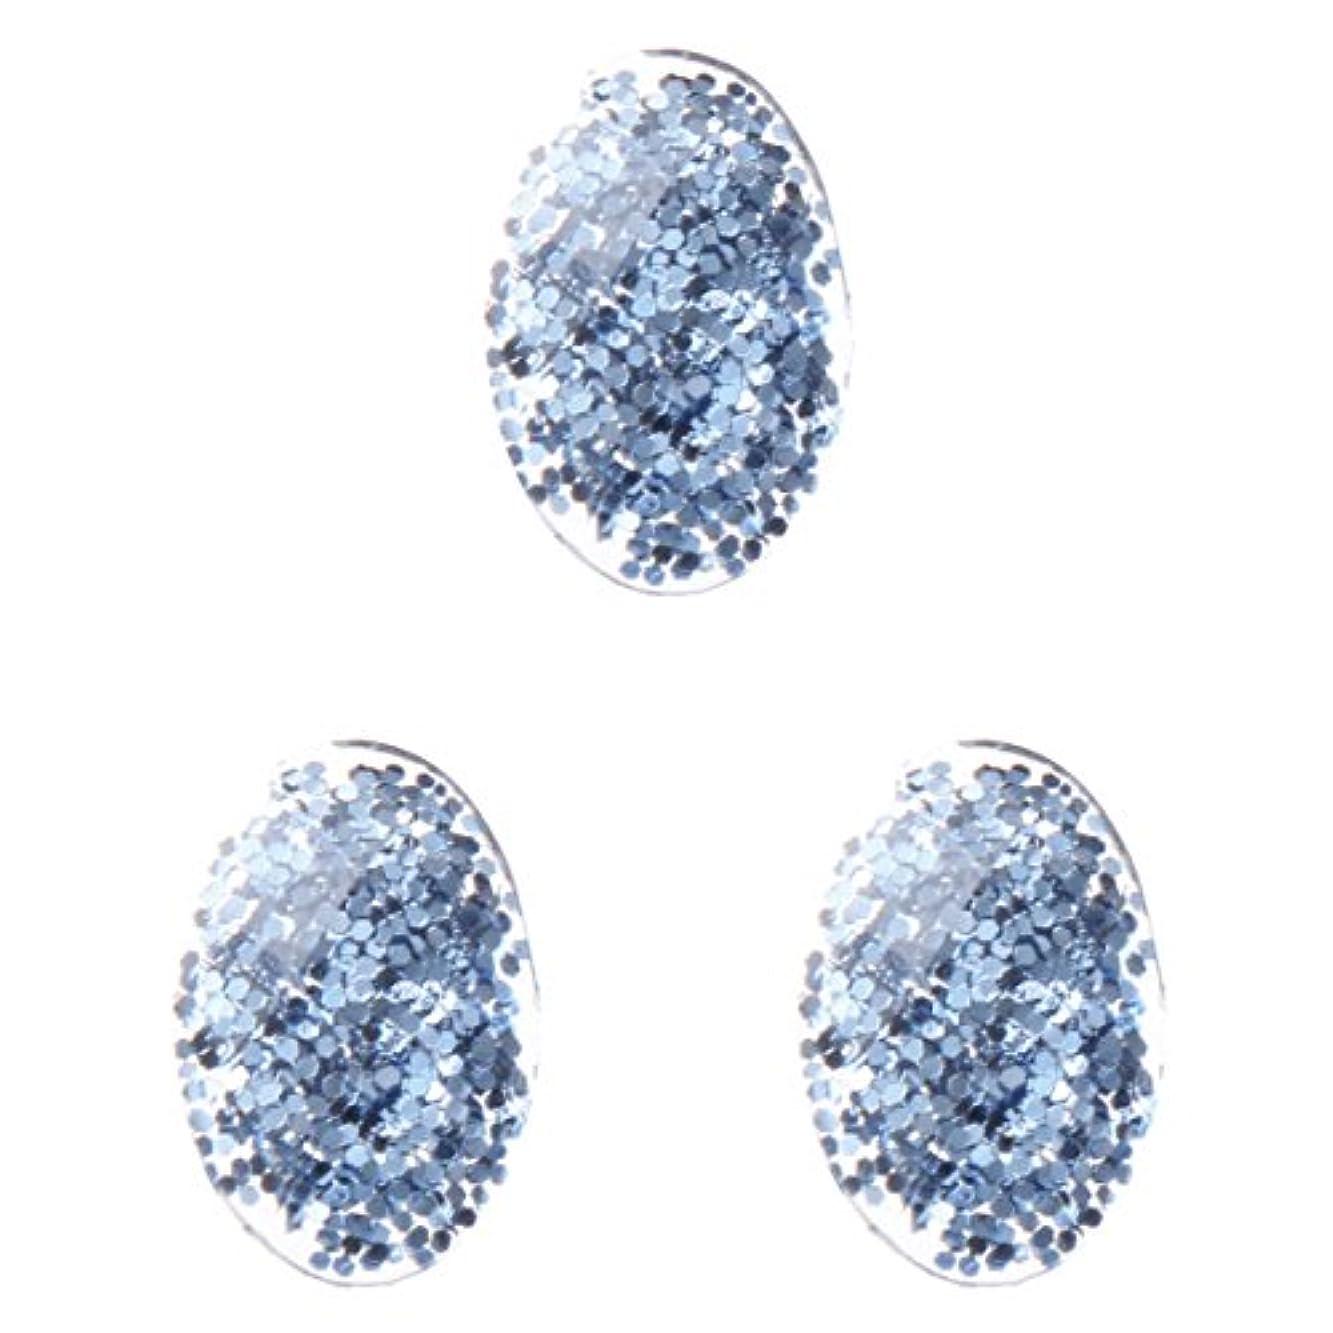 <エトゥベラ>ファンタジーストーン オーバル3×5mm(各30個) ブルー(3x5mm)